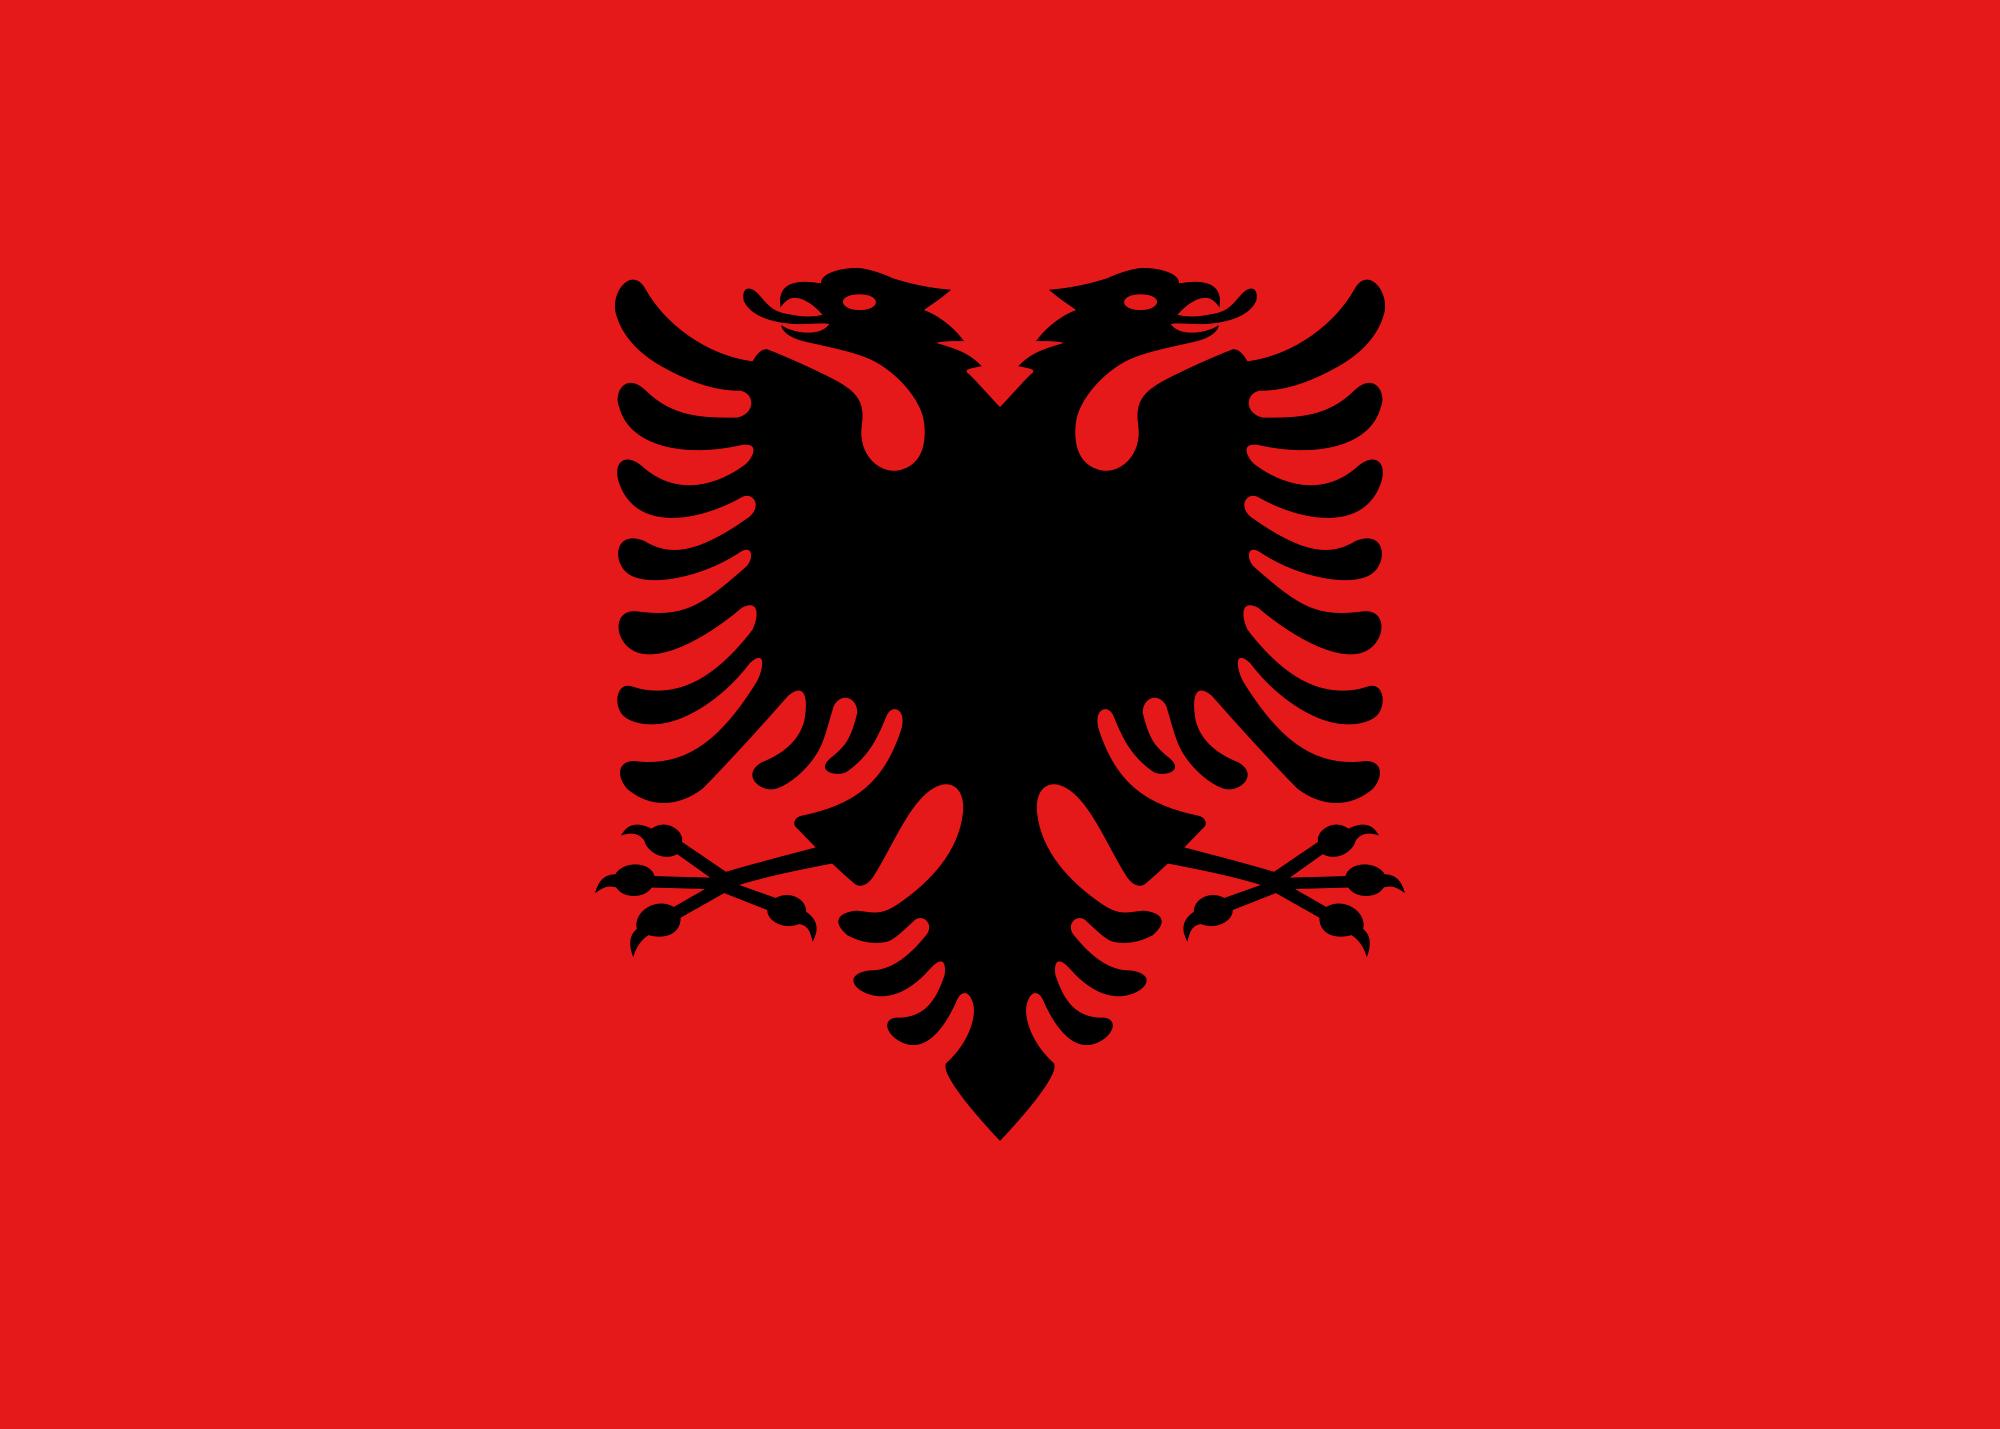 Albanien gegen Sportwetten - Online Glücksspiel ohne Chancen